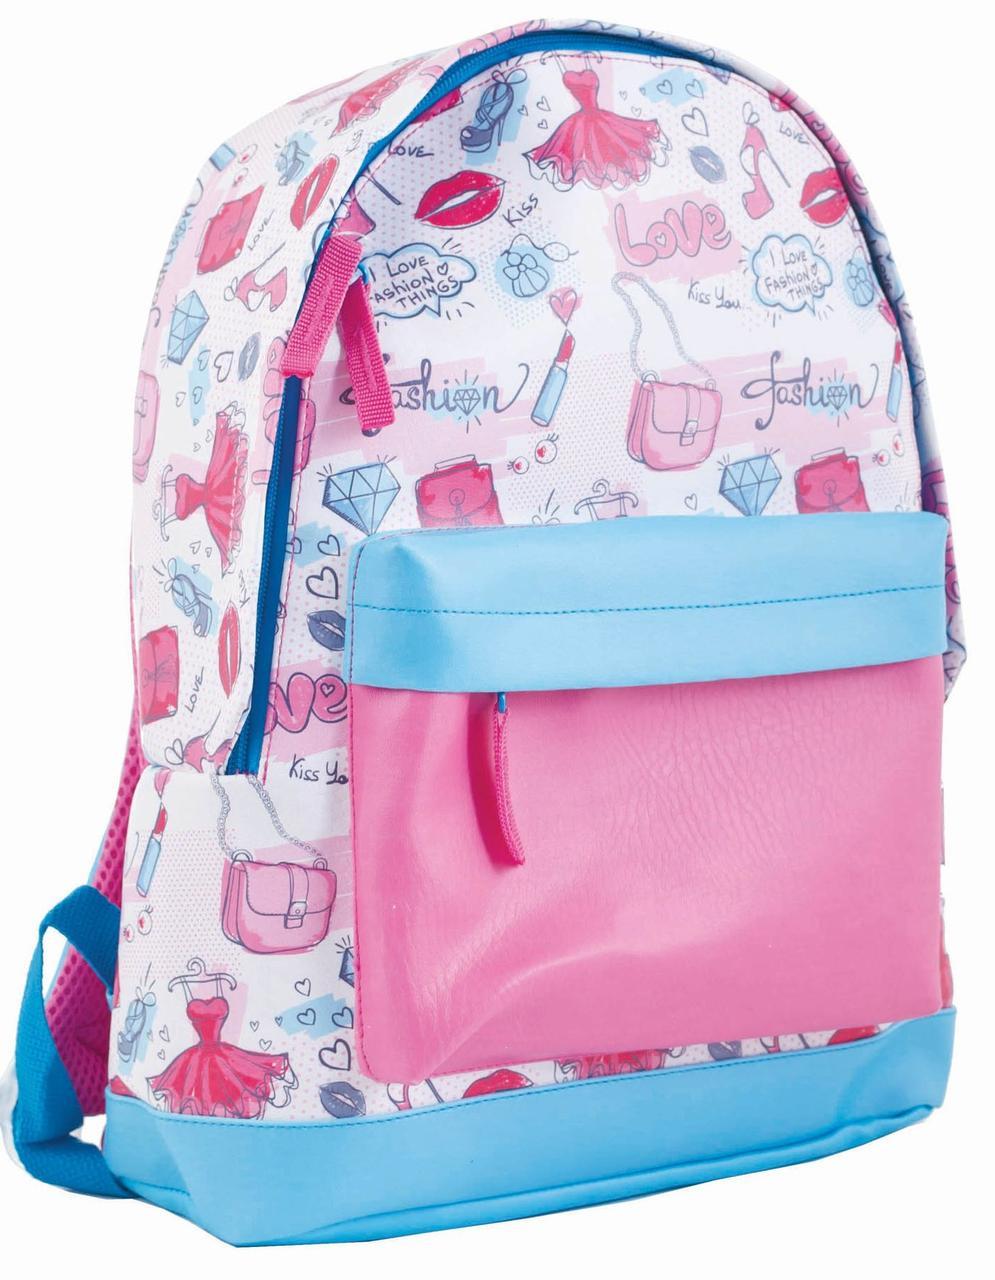 Рюкзак подростковый ST-28 Fashion, 35*27*13